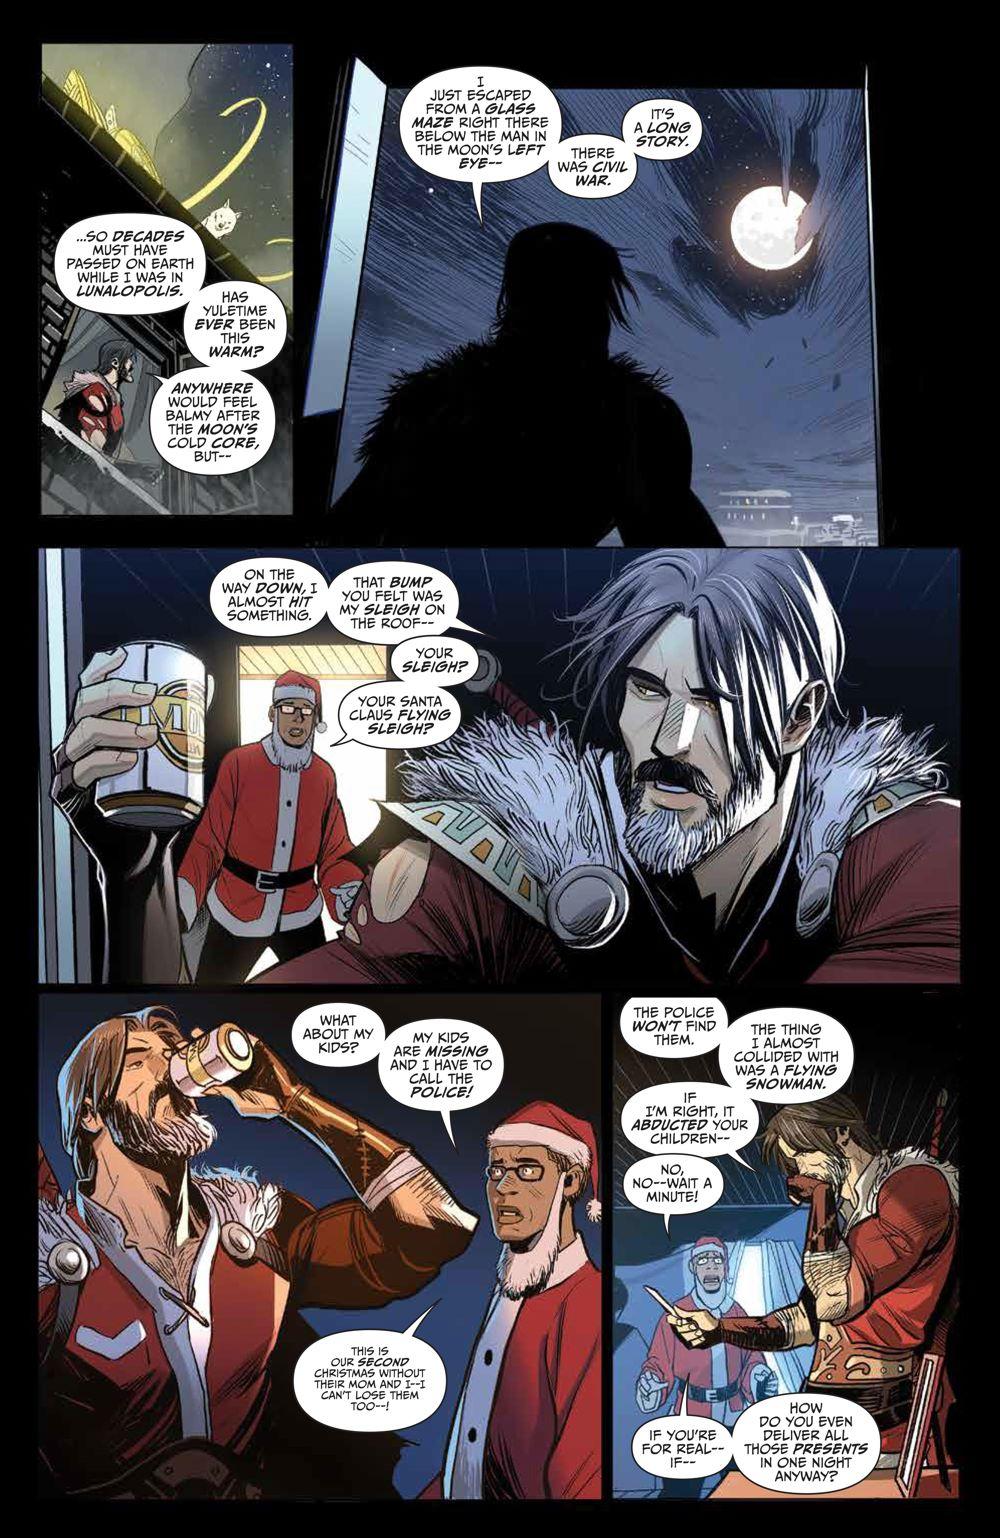 Klaus_NewAdventures_SC_PRESS_14 ComicList Previews: KLAUS THE NEW ADVENTURES OF SANTA CLAUS GN